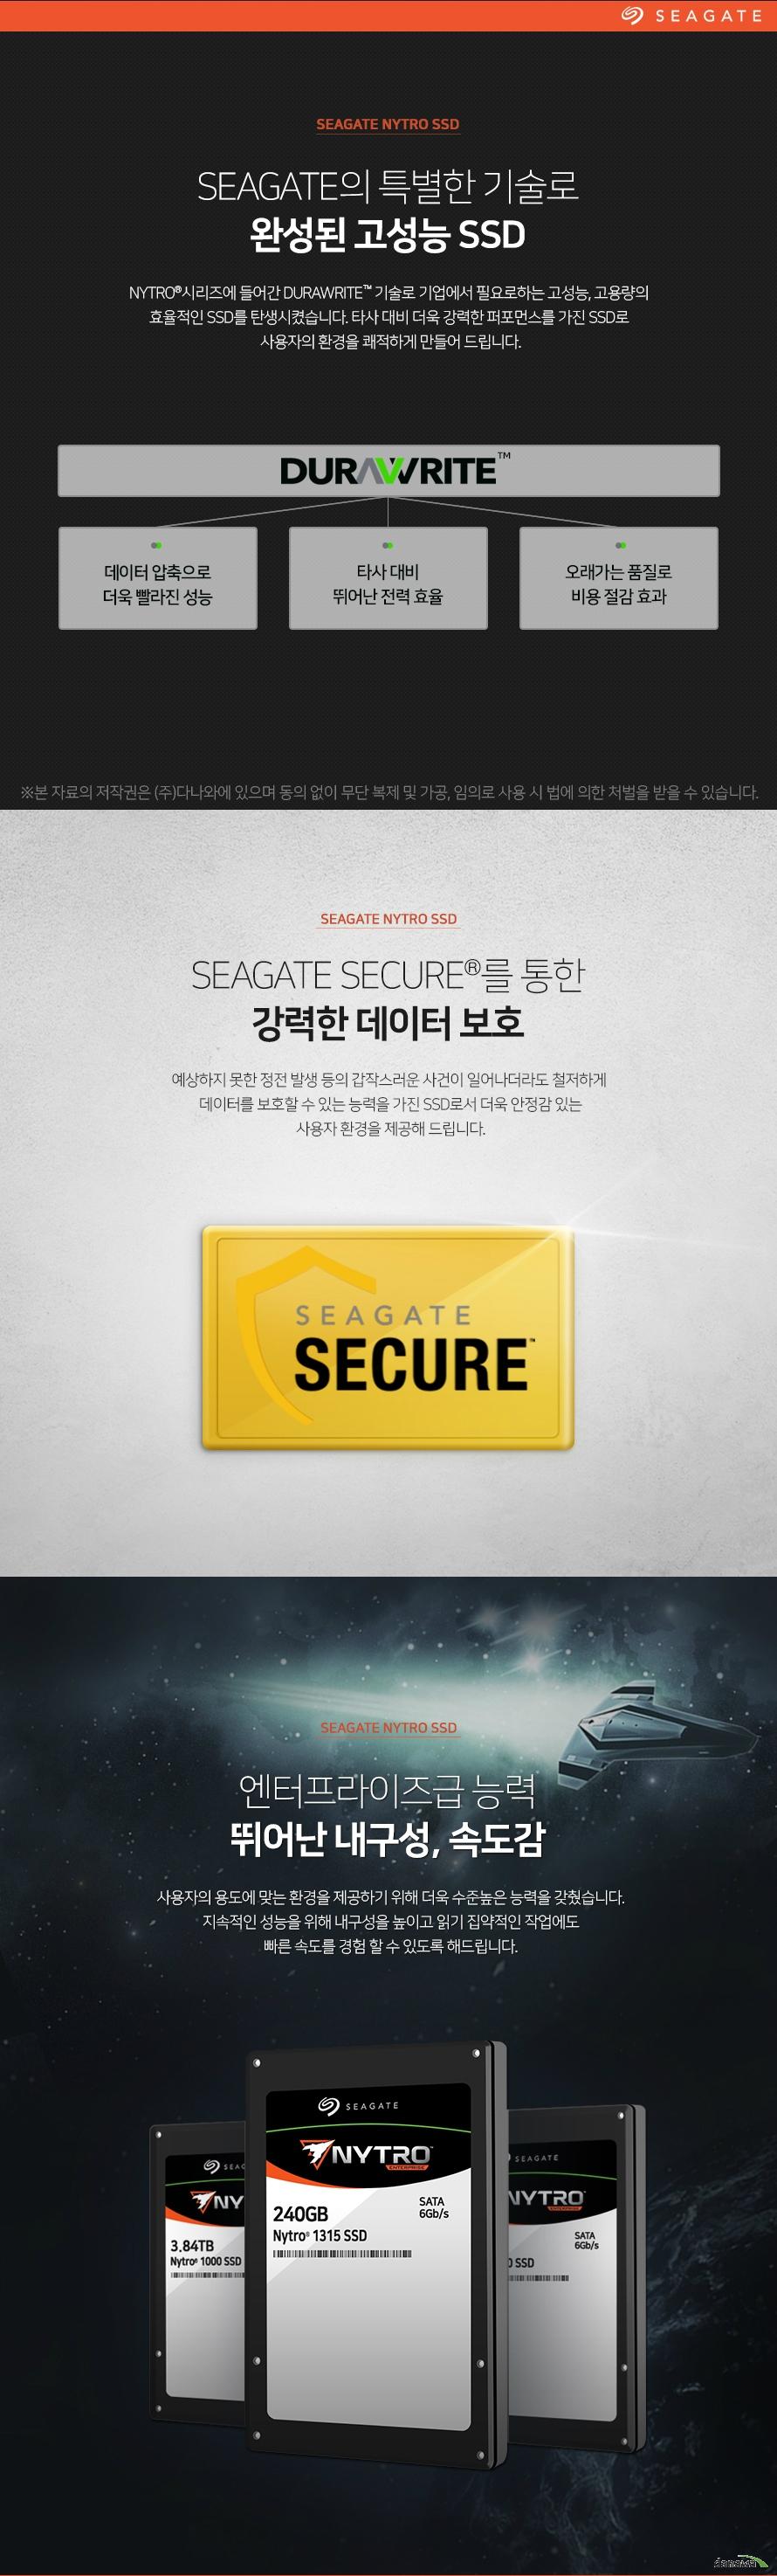 Seagate  Nytro 1351(240GB)